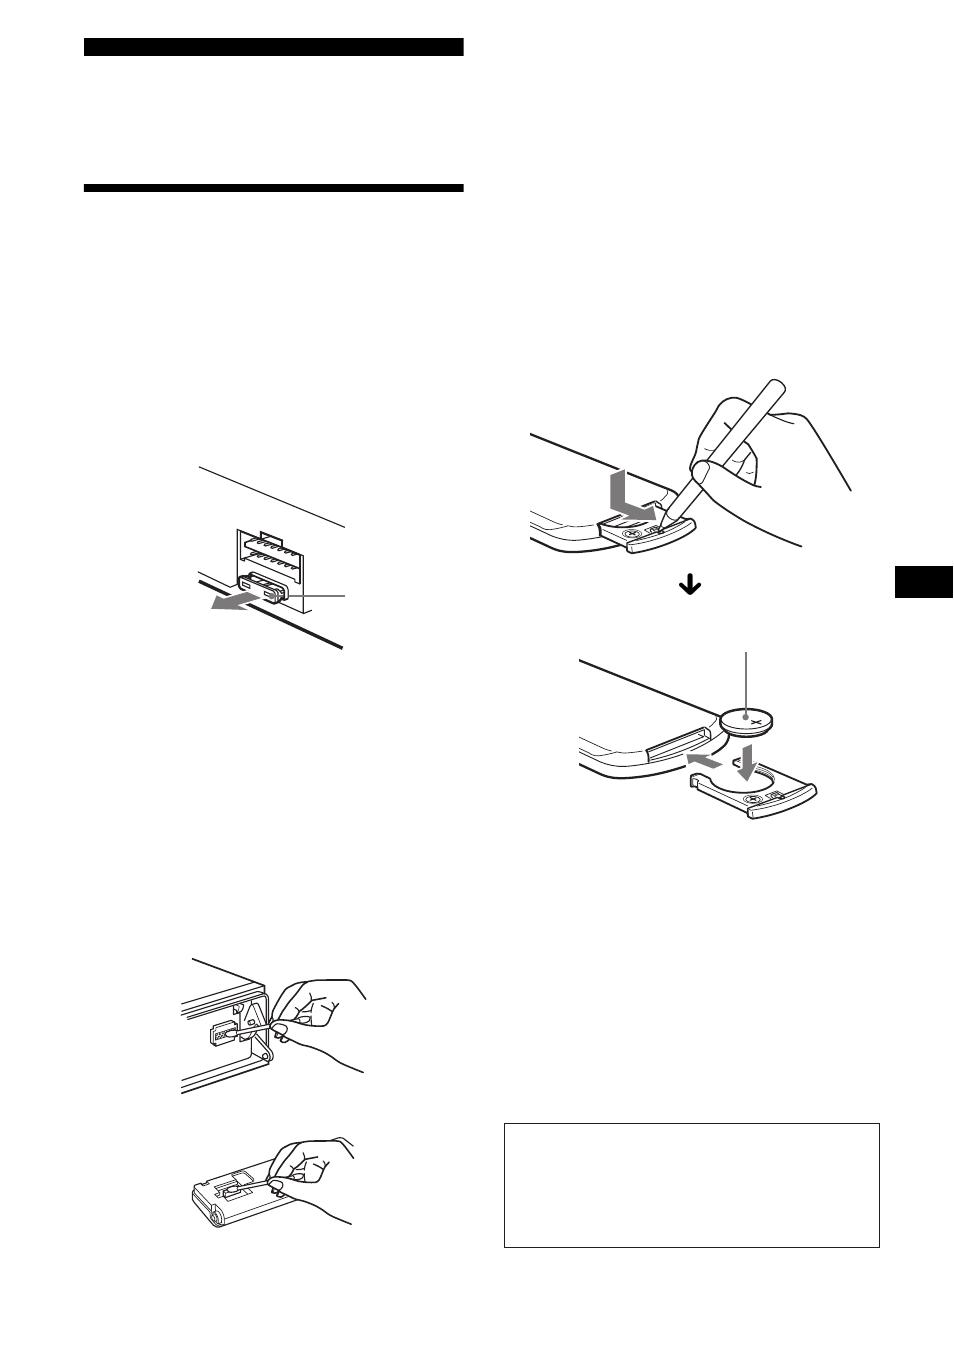 Información complementaria, Mantenimiento | Sony CDX-FW700 User Manual |  Page 53 / 60